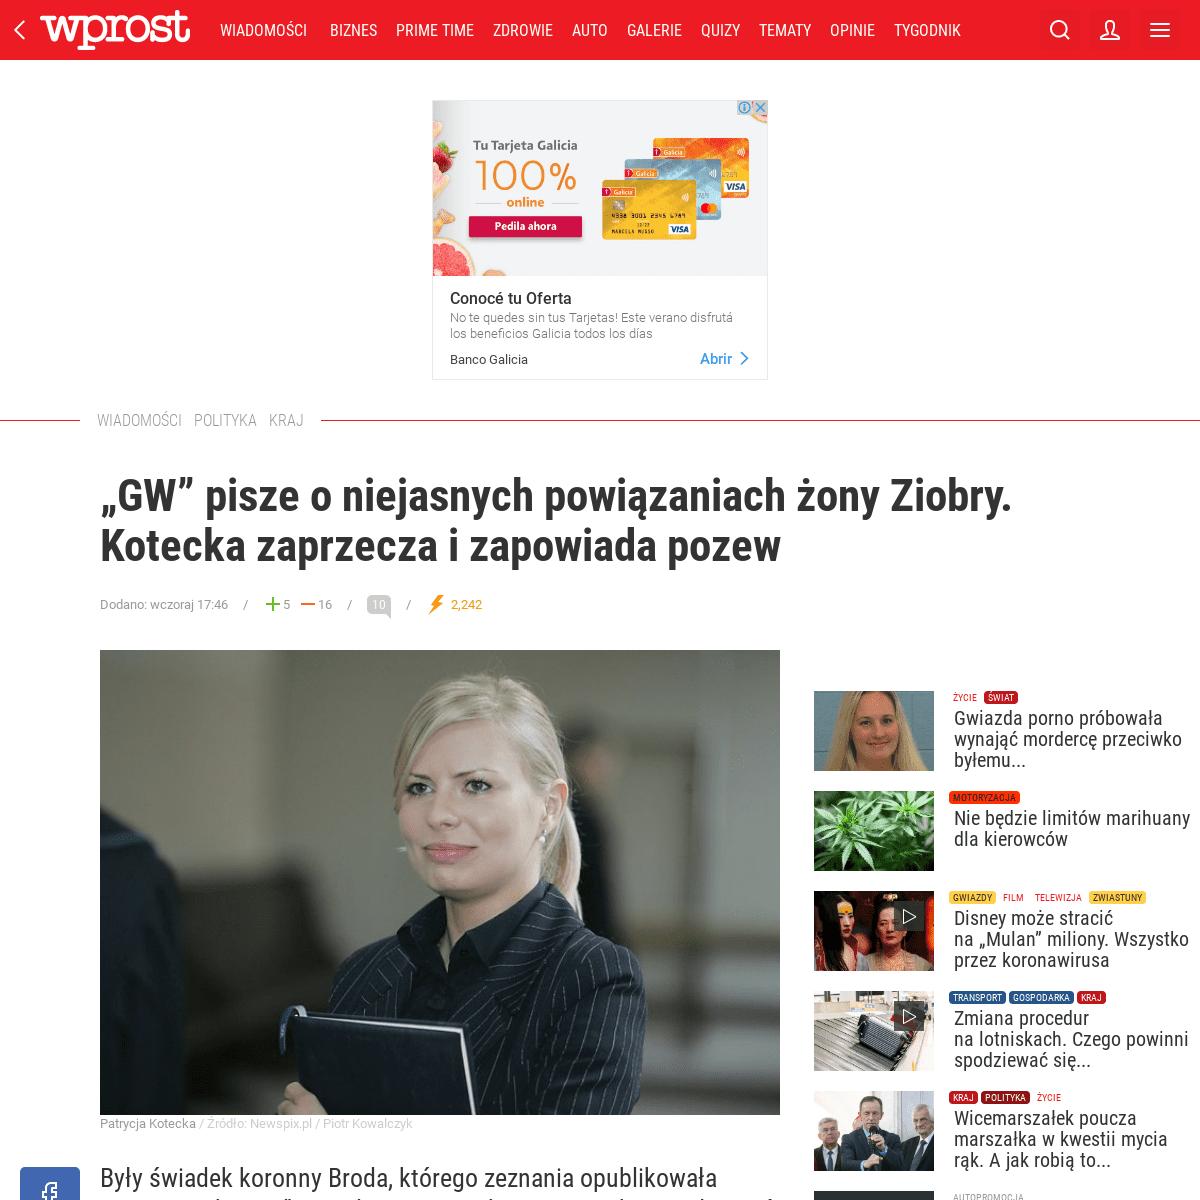 """""""GW"""" o niejasnych powiązaniach żony Ziobry"""